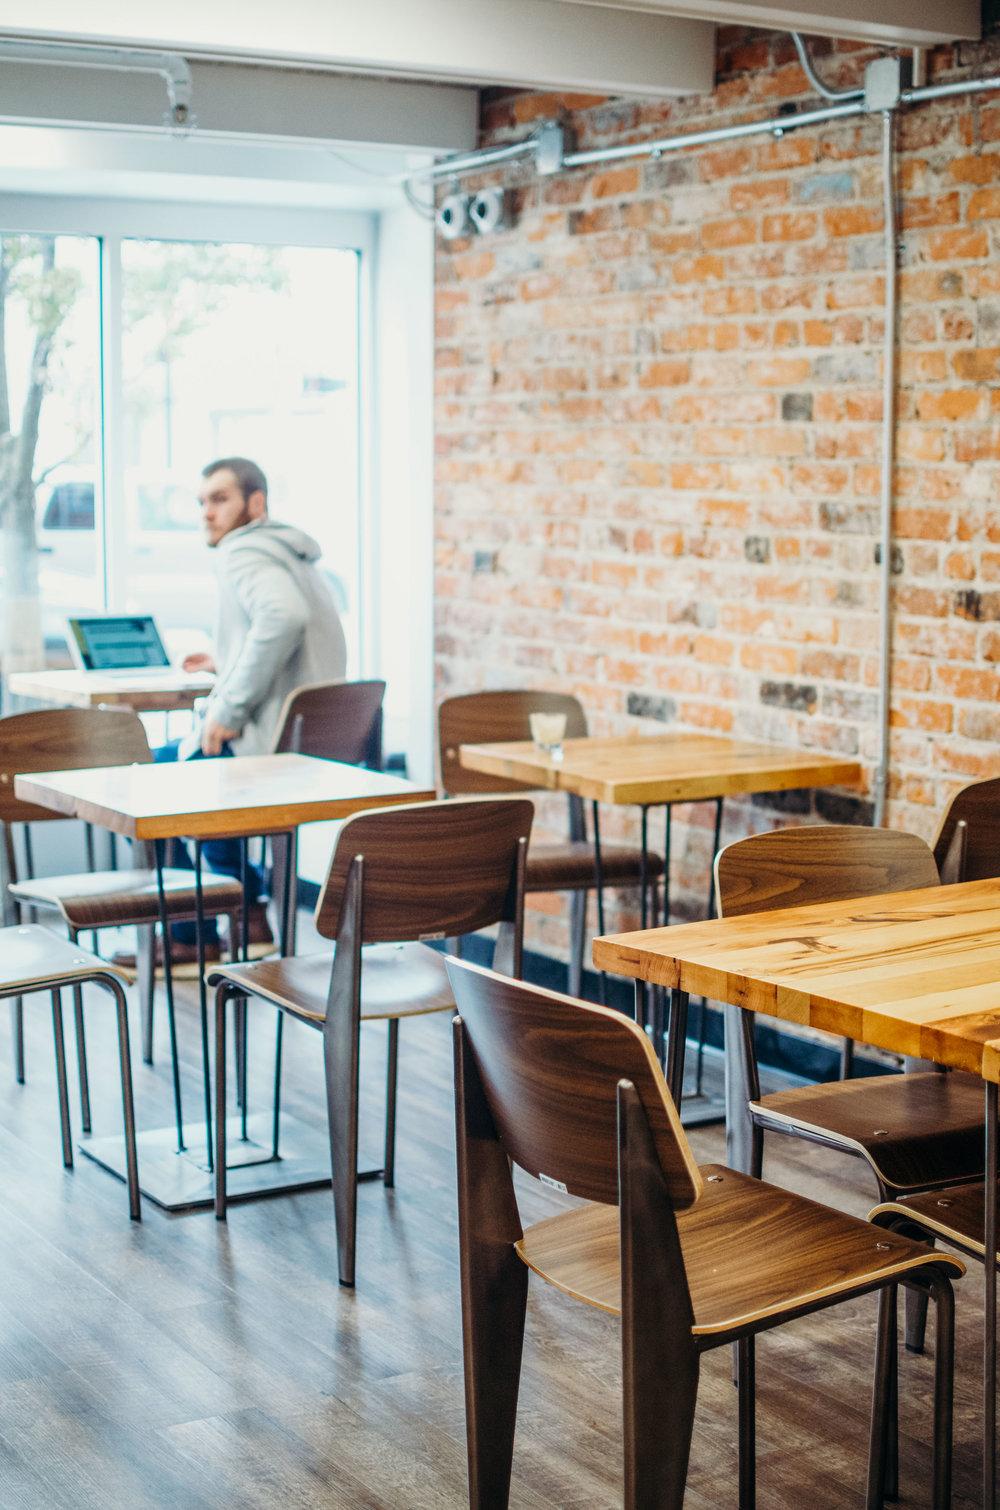 Wendling_Boyd_Foster_Flint_Fwrd_Coffee_Shop-2.jpg